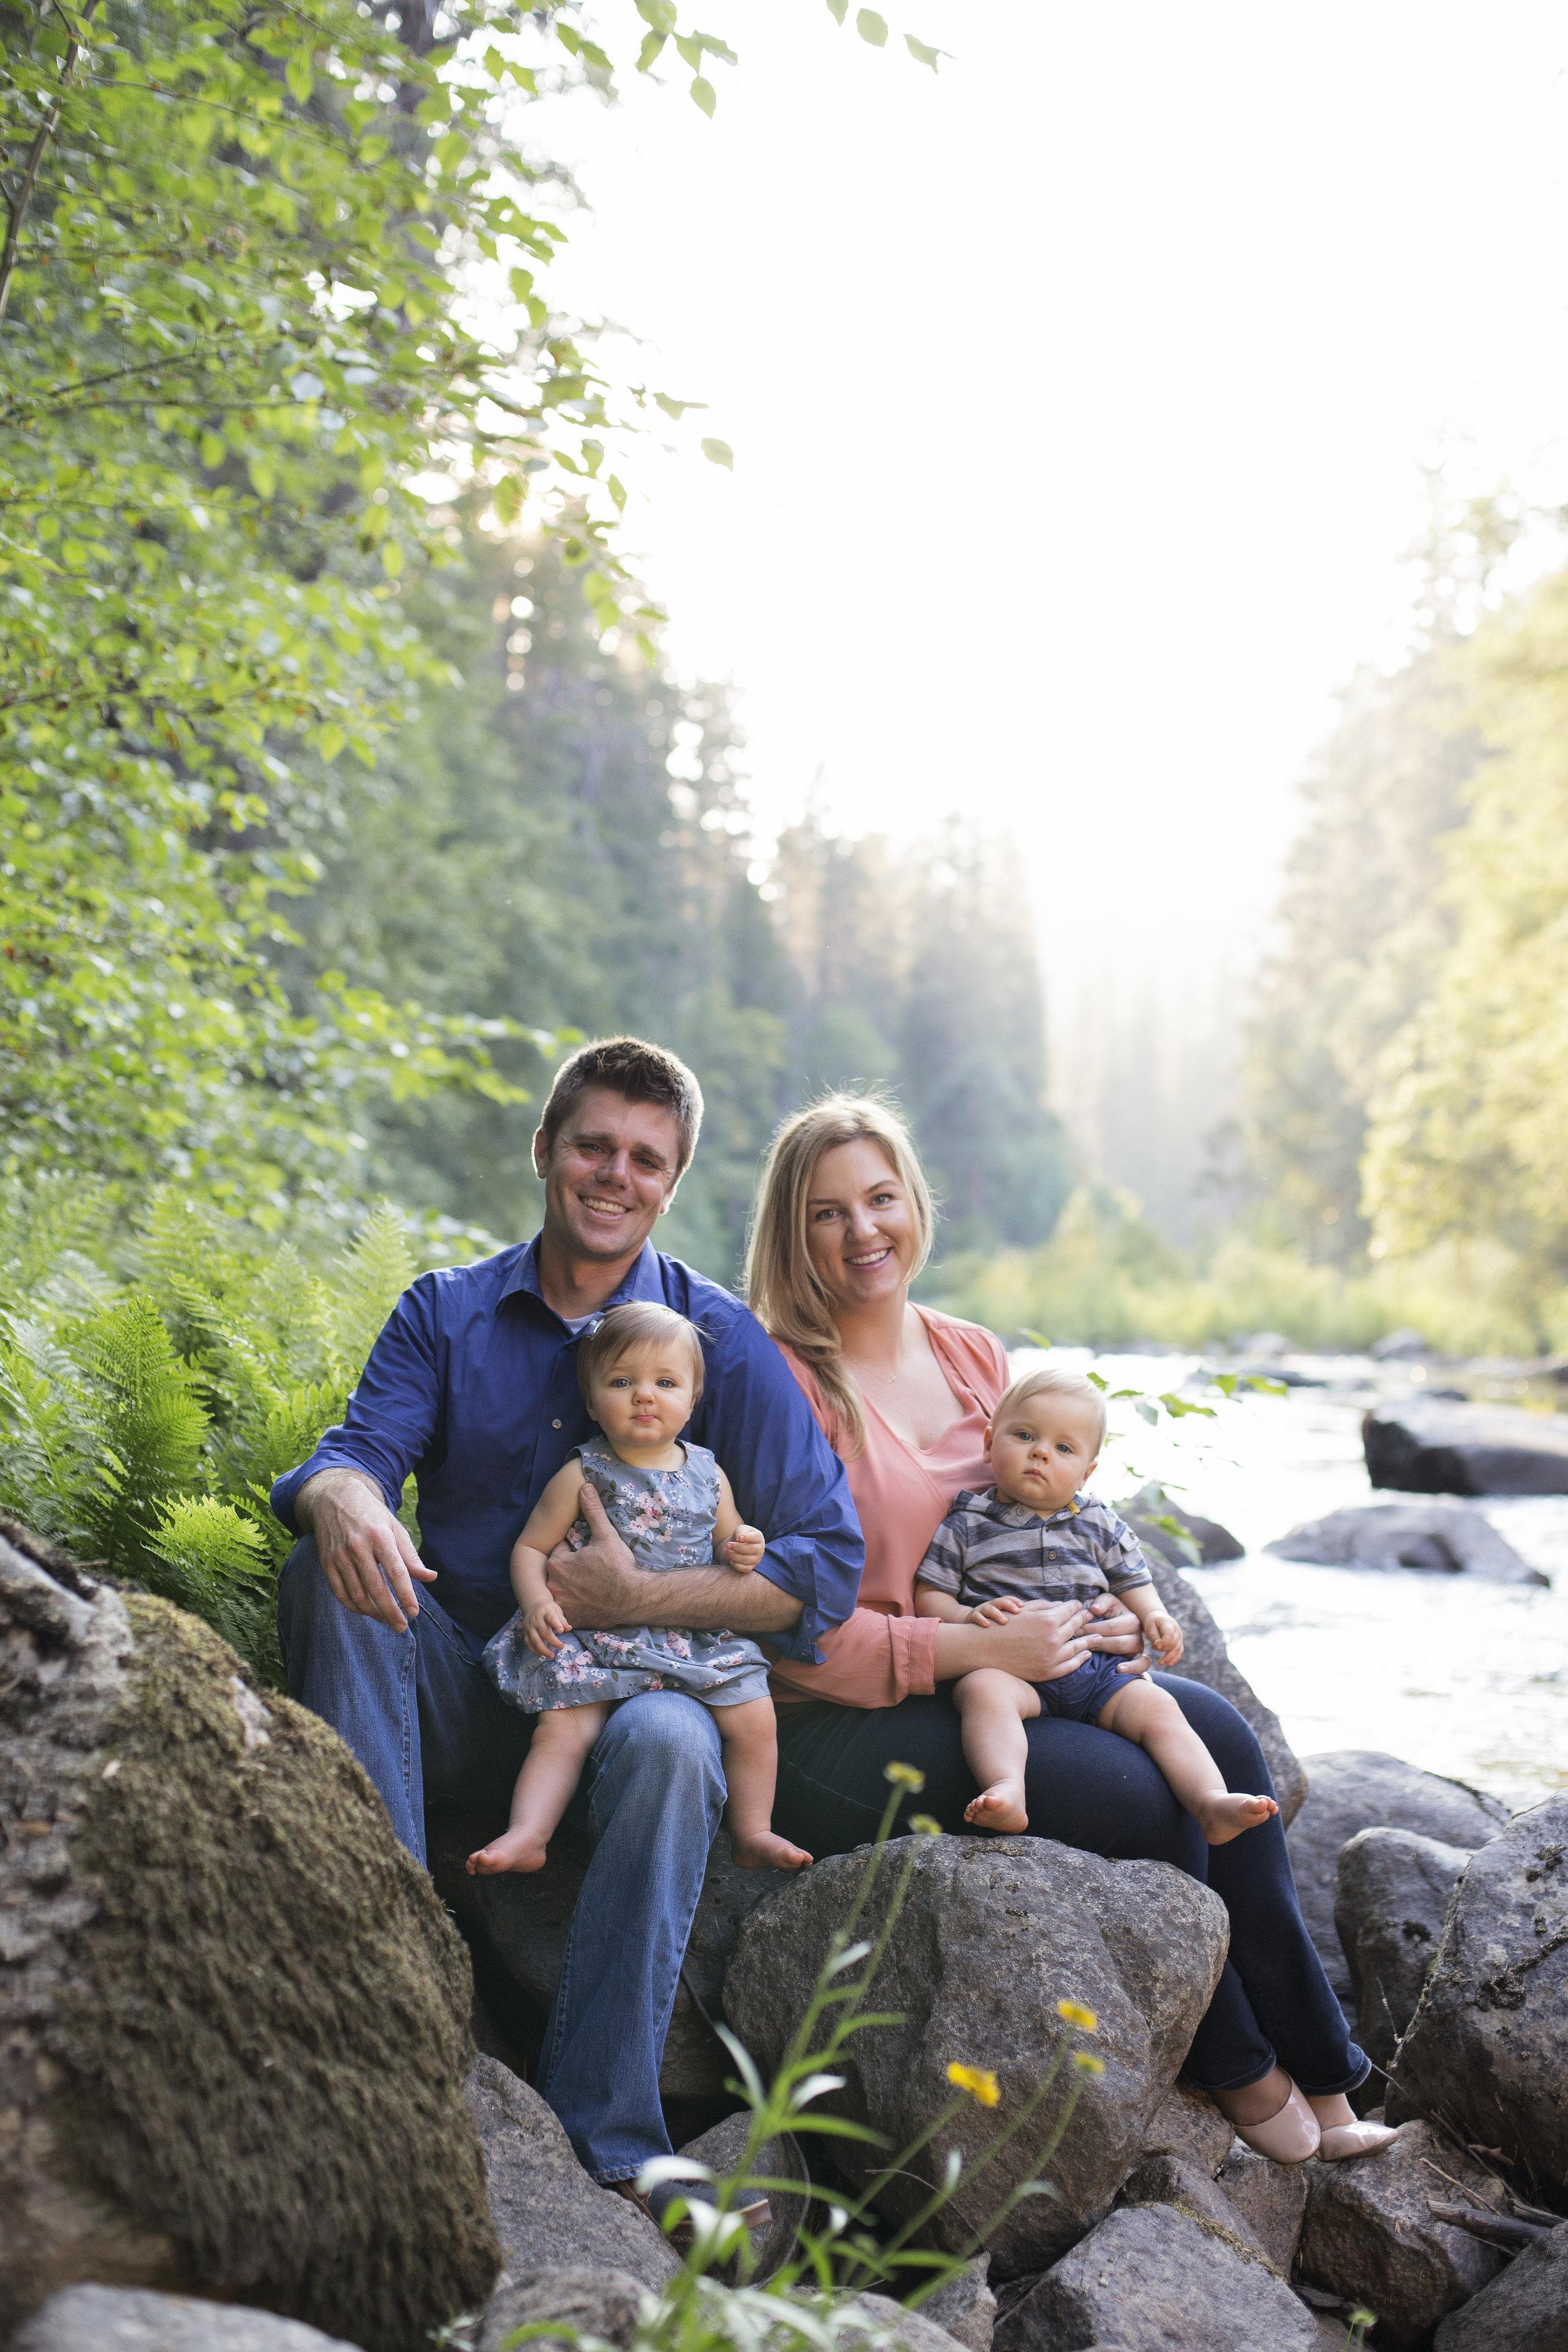 FamilyPortraits_Summer-31.jpg